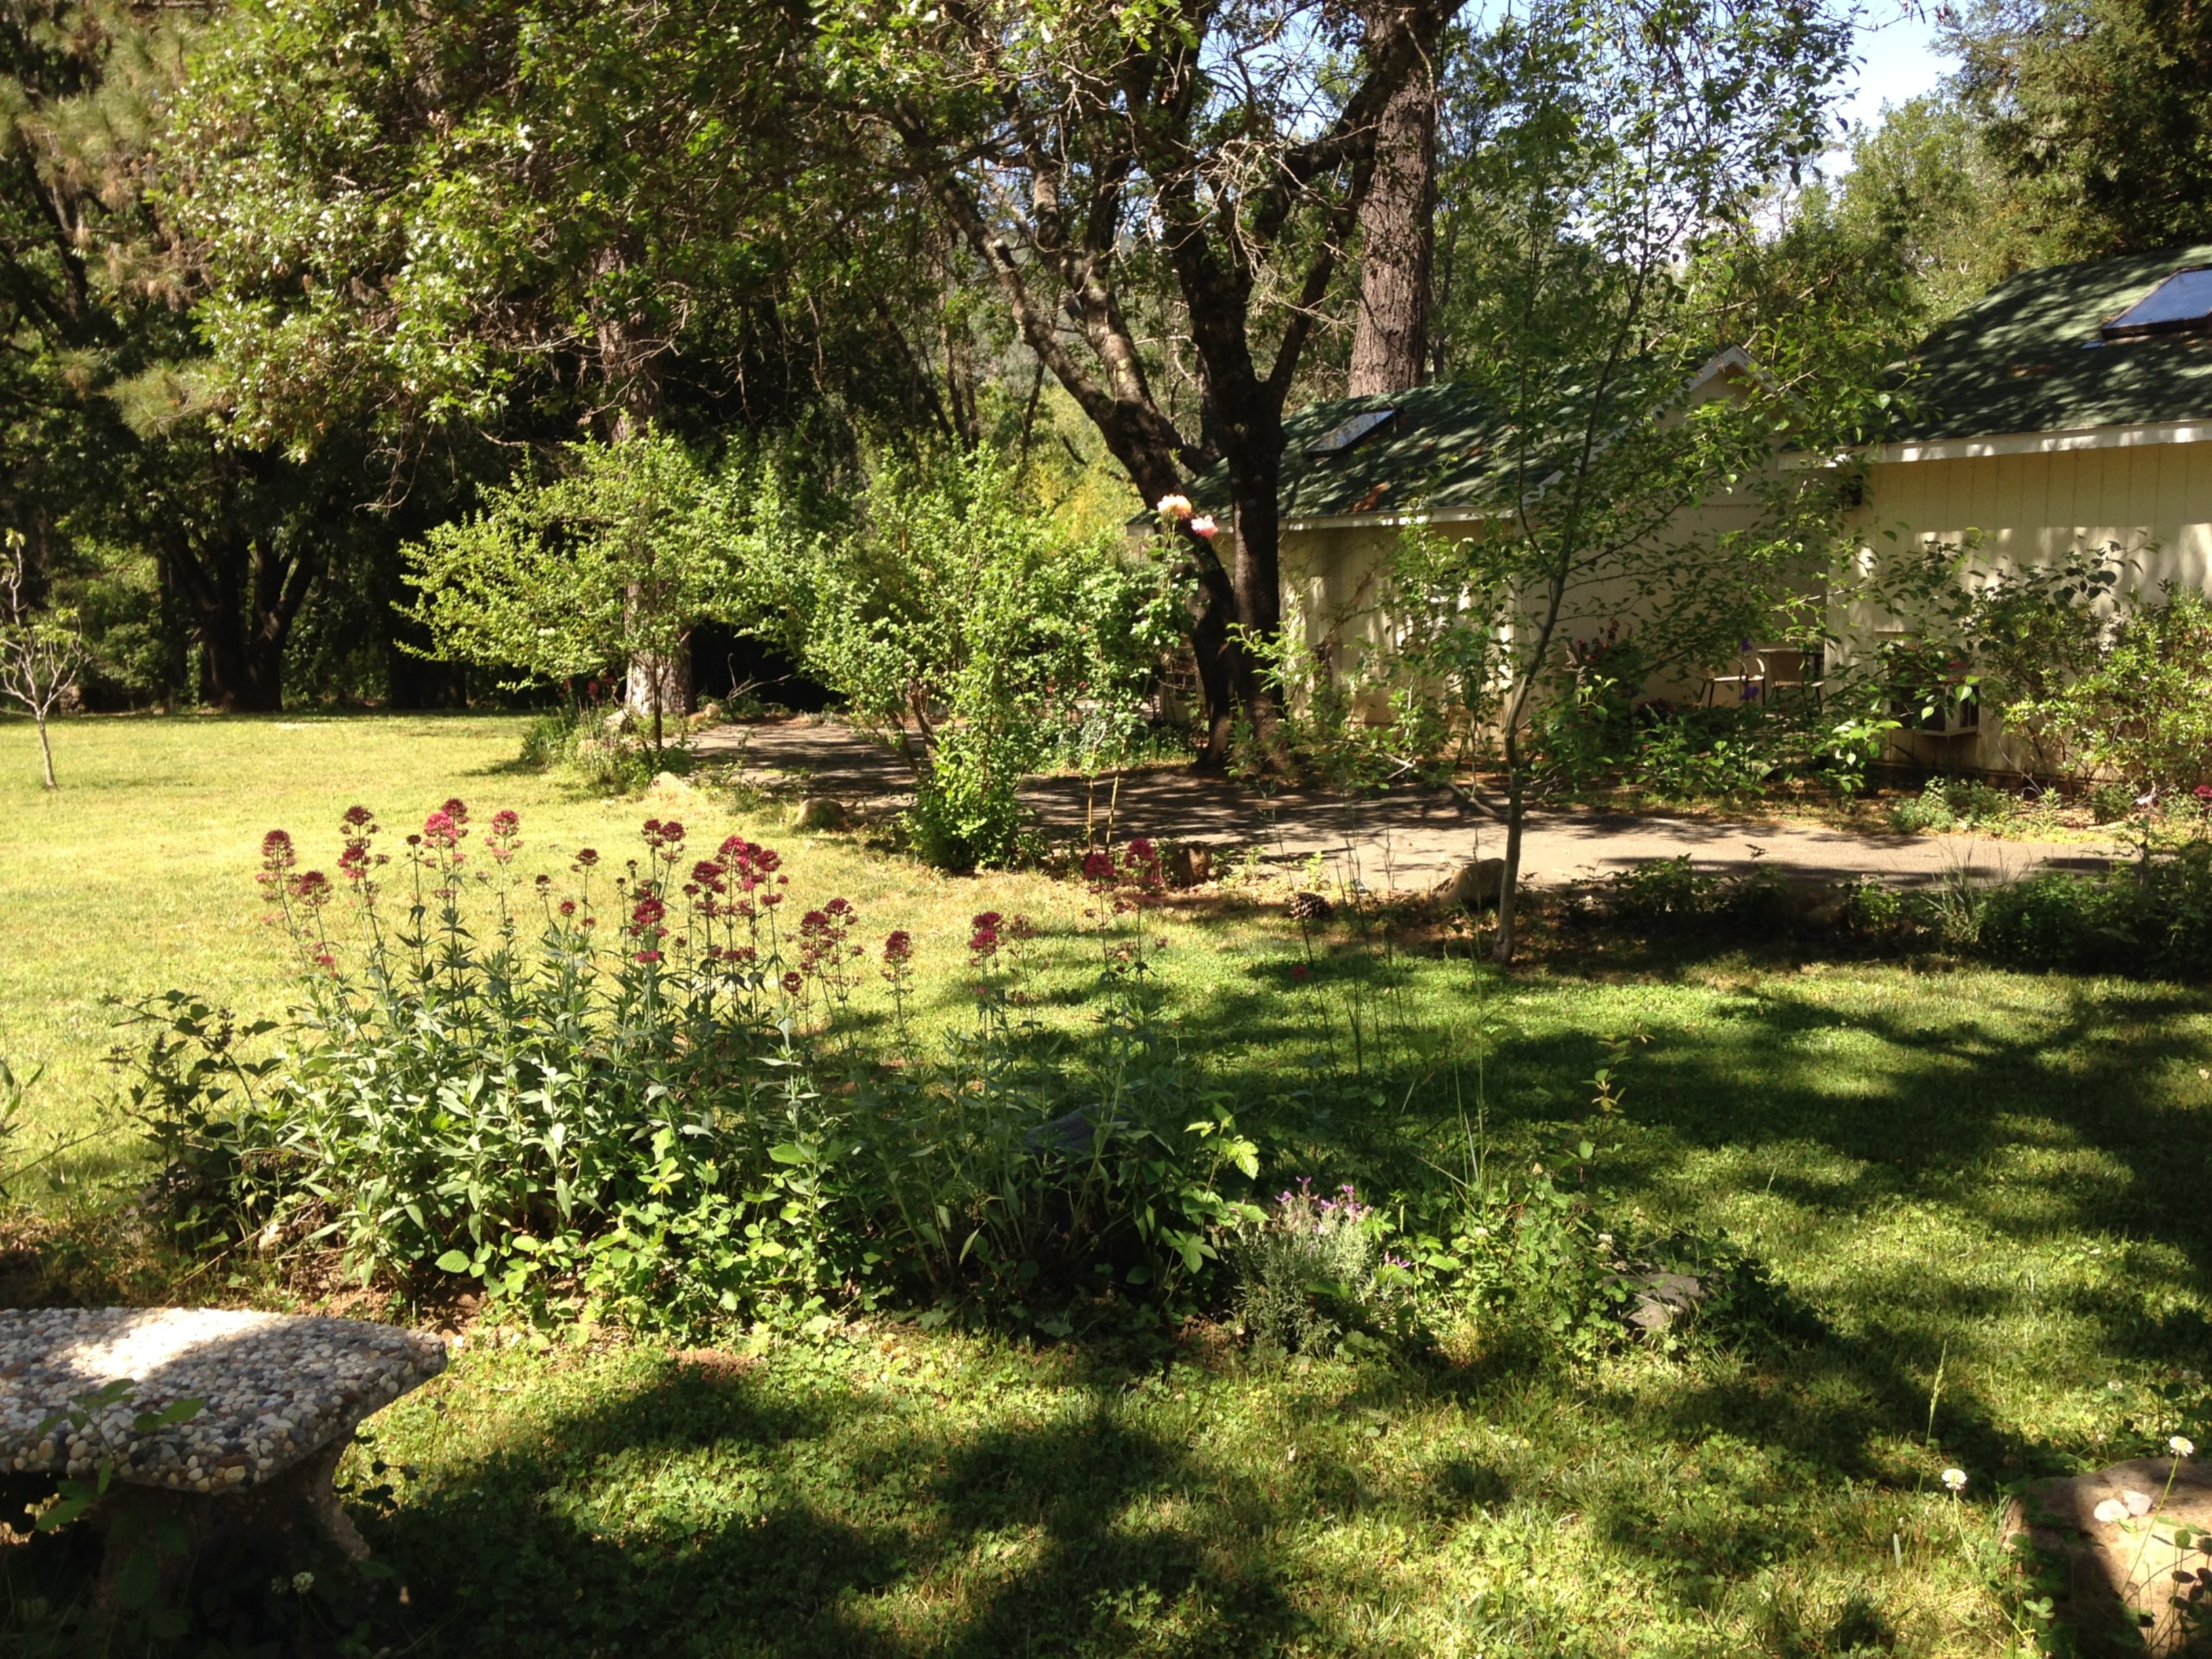 A tree in a field at Backyard Garden Oasis B&B.